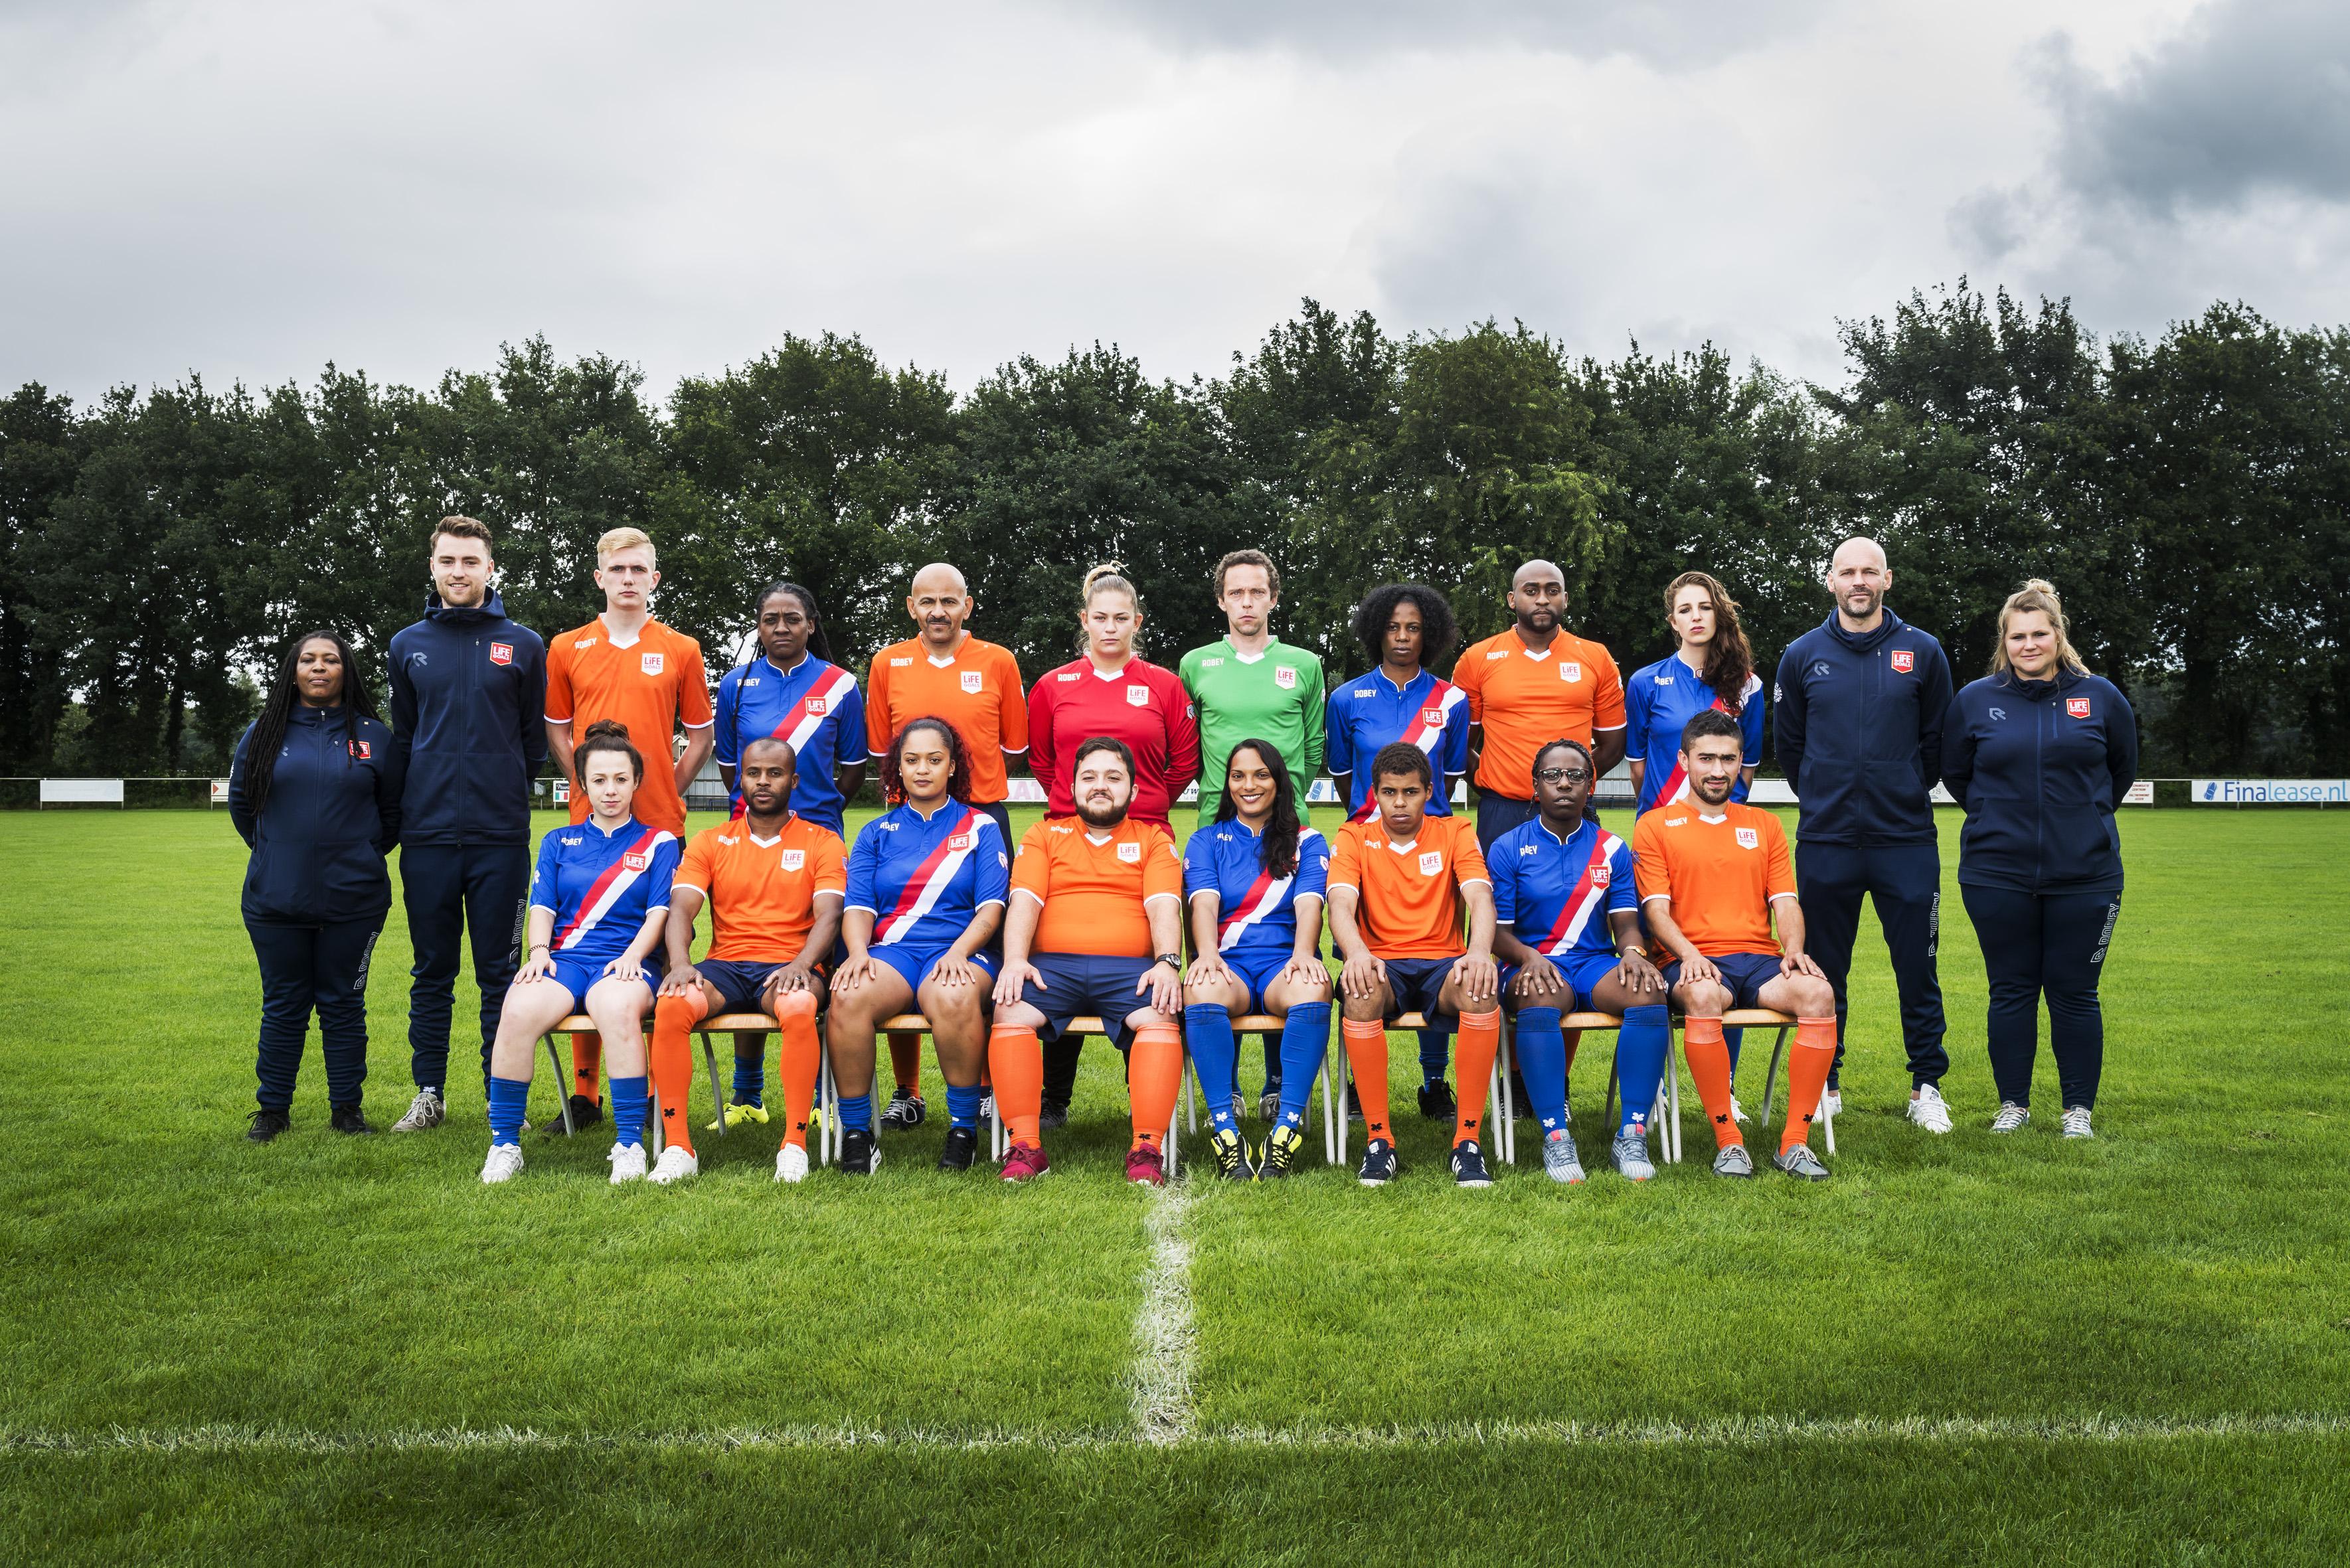 Nederlandse equipe klaar voor Homeless World Cup Oslo